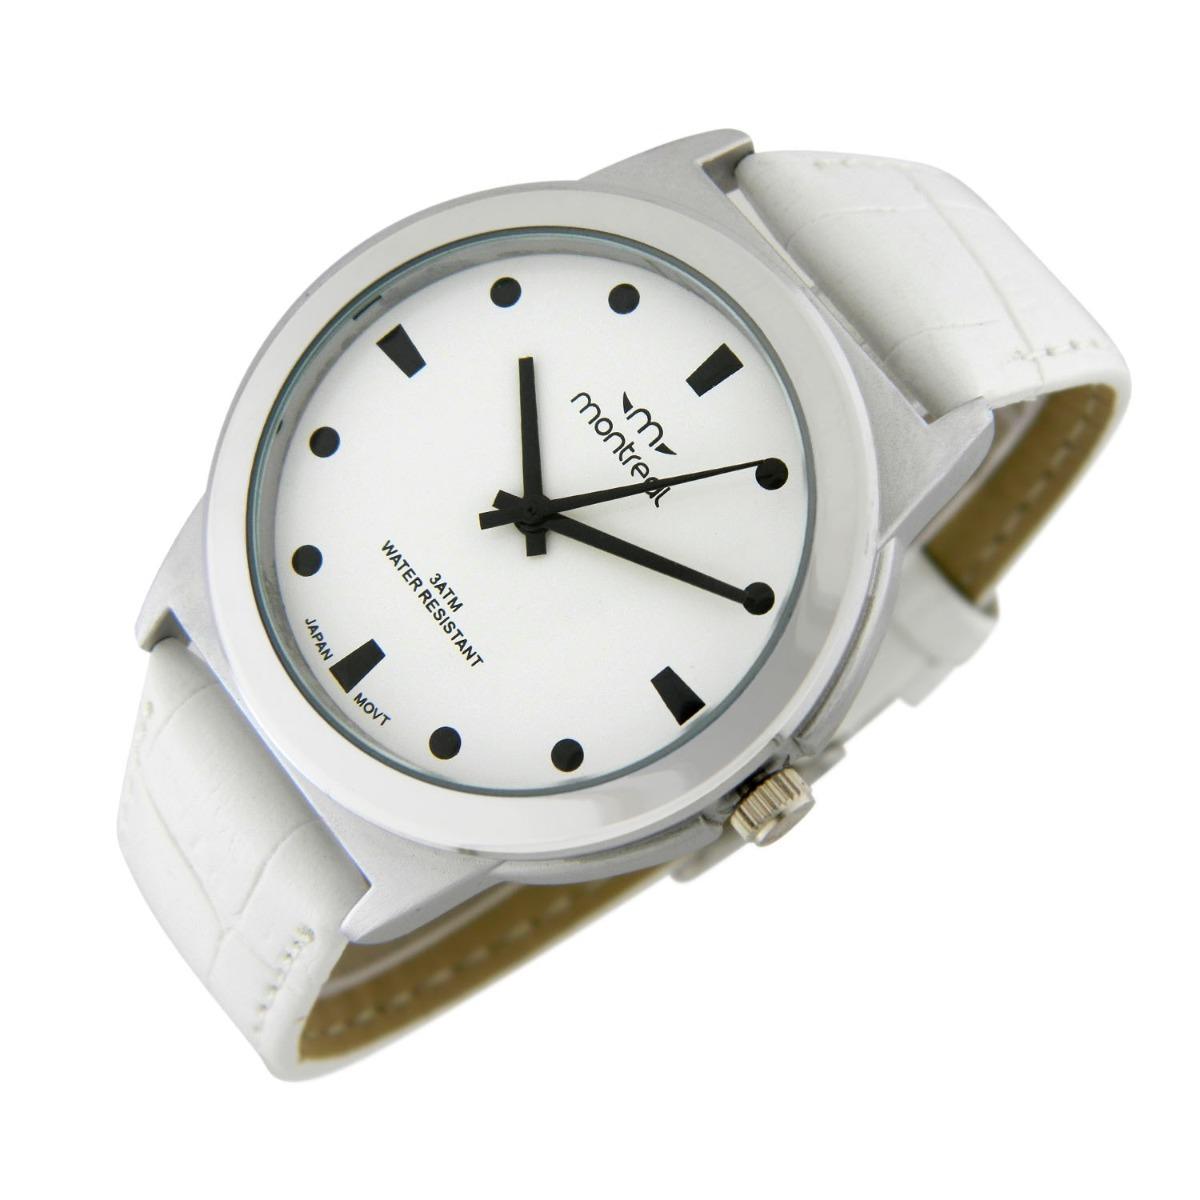 b553d82b2746 reloj montreal hombre ml212 envío gratis tienda oficial. Cargando zoom.